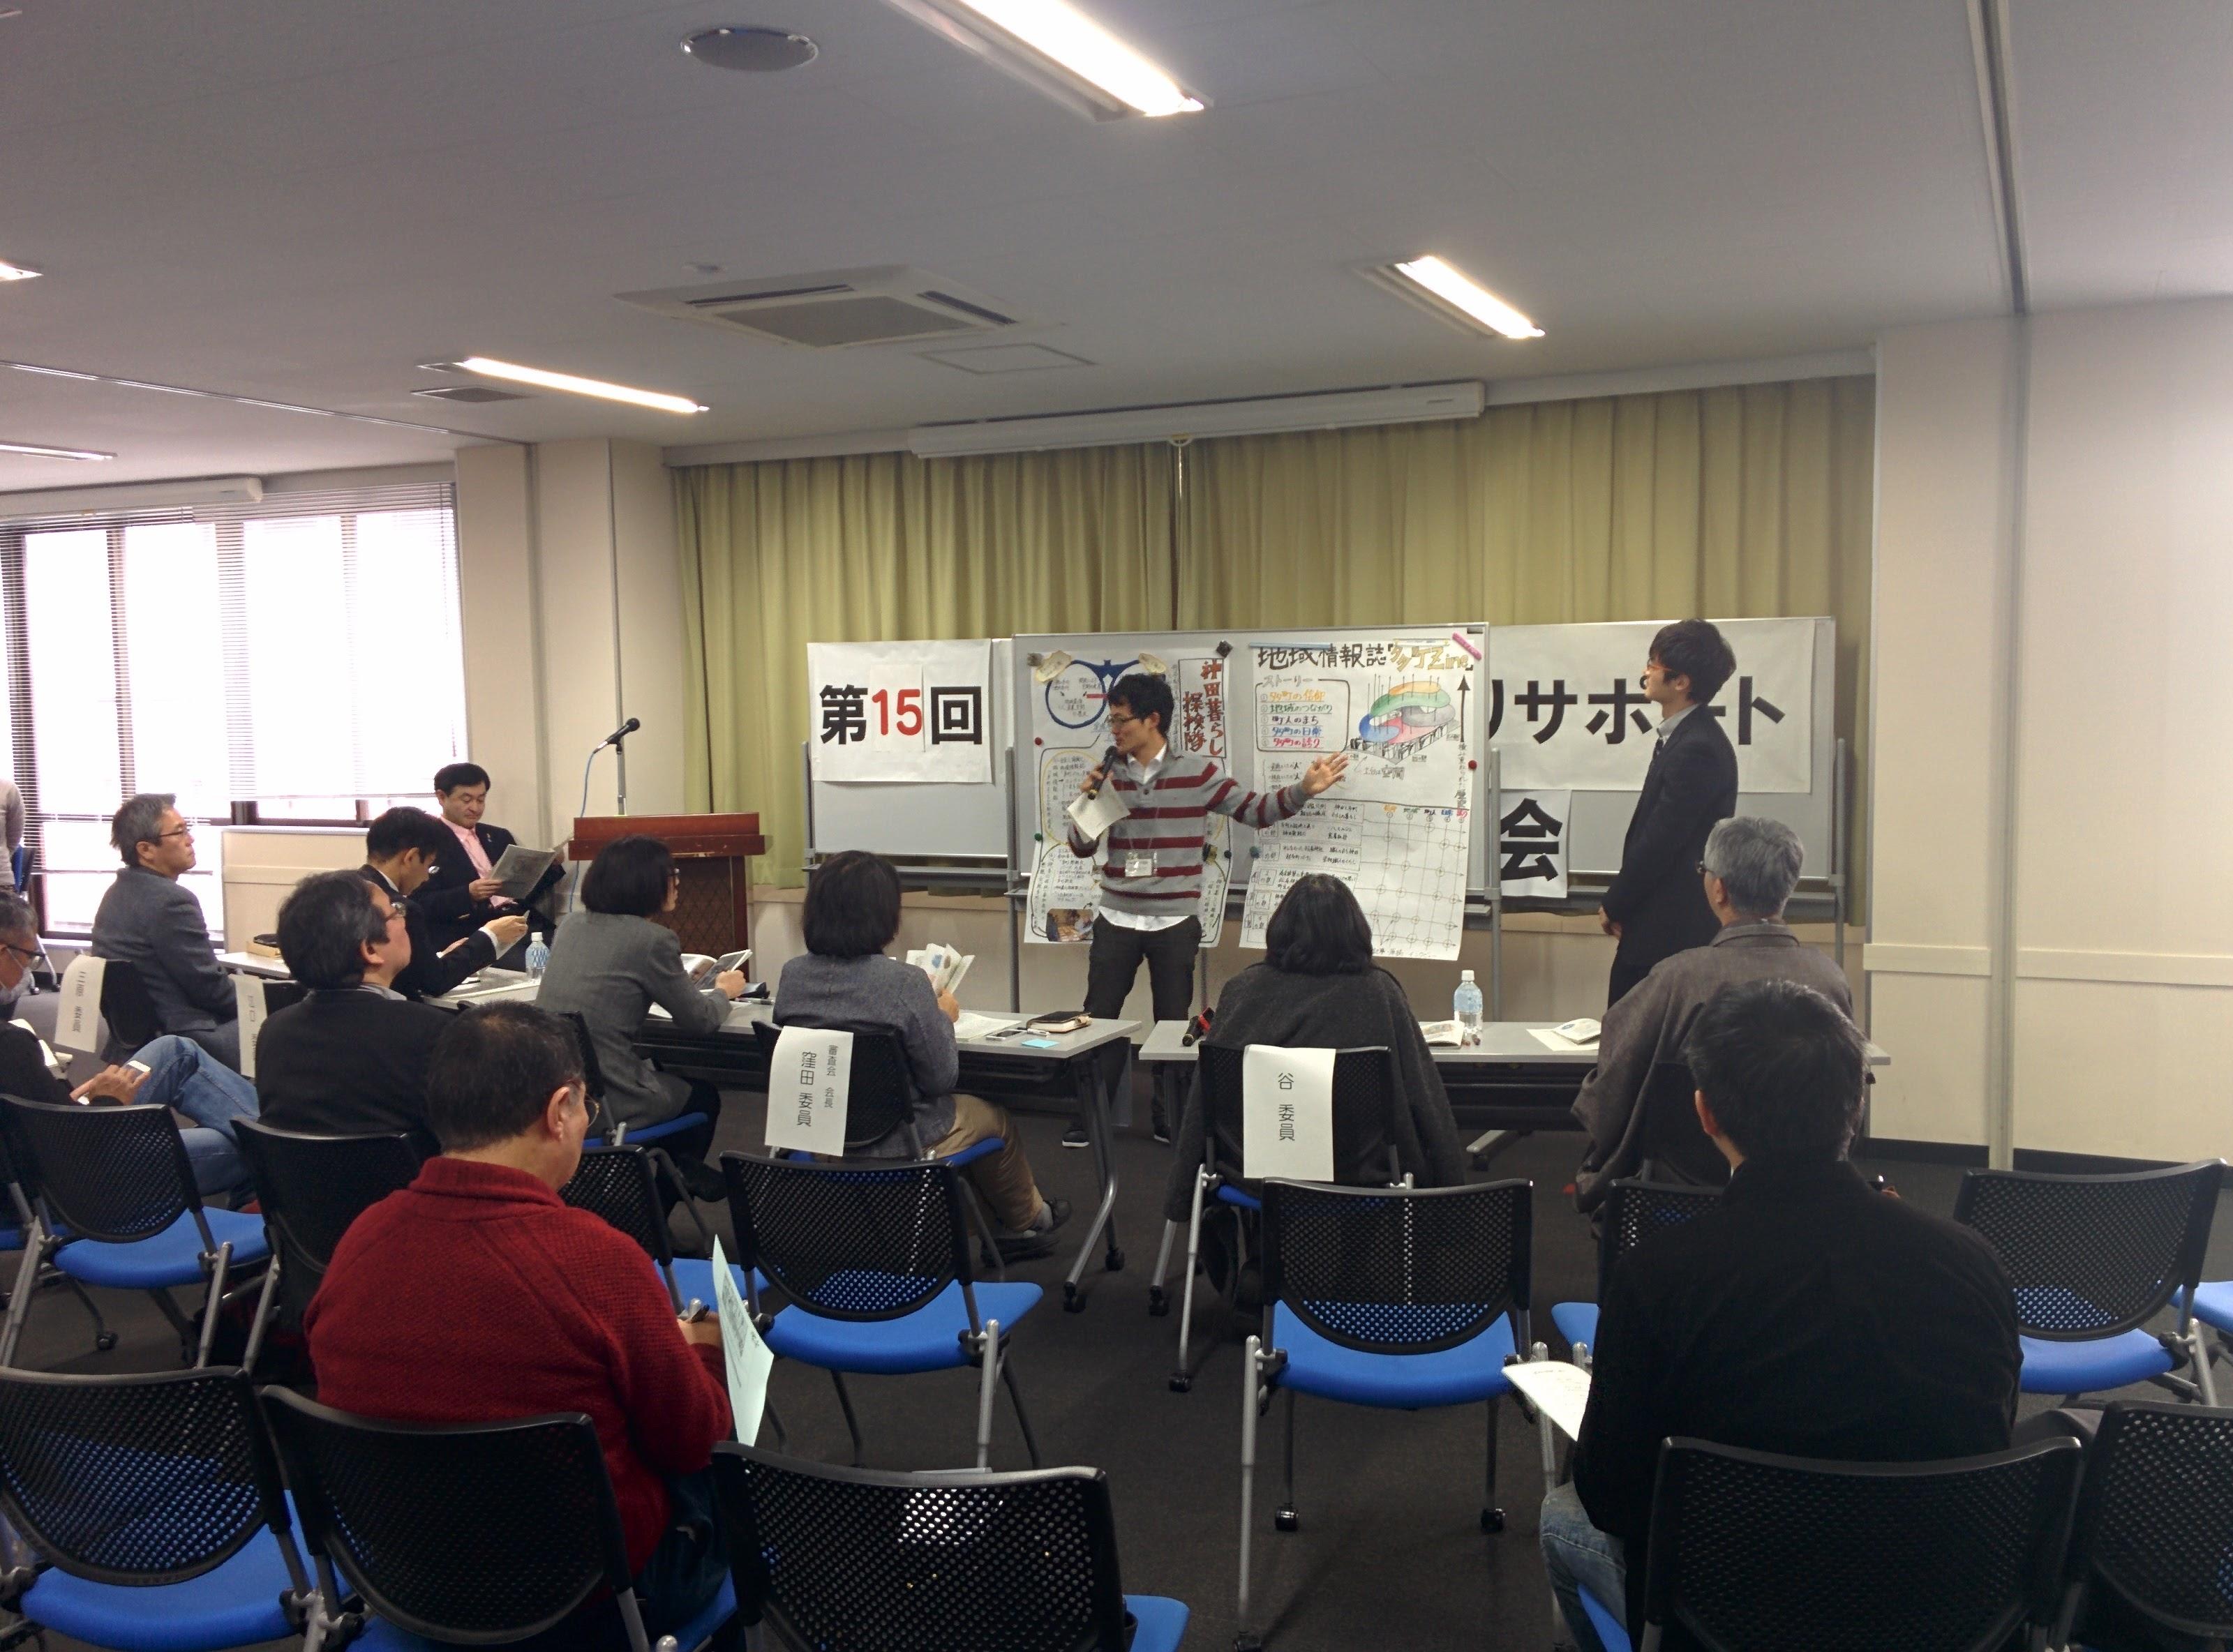 http://ud.t.u-tokyo.ac.jp/blog/_images/IMG_20160305_135227.jpg